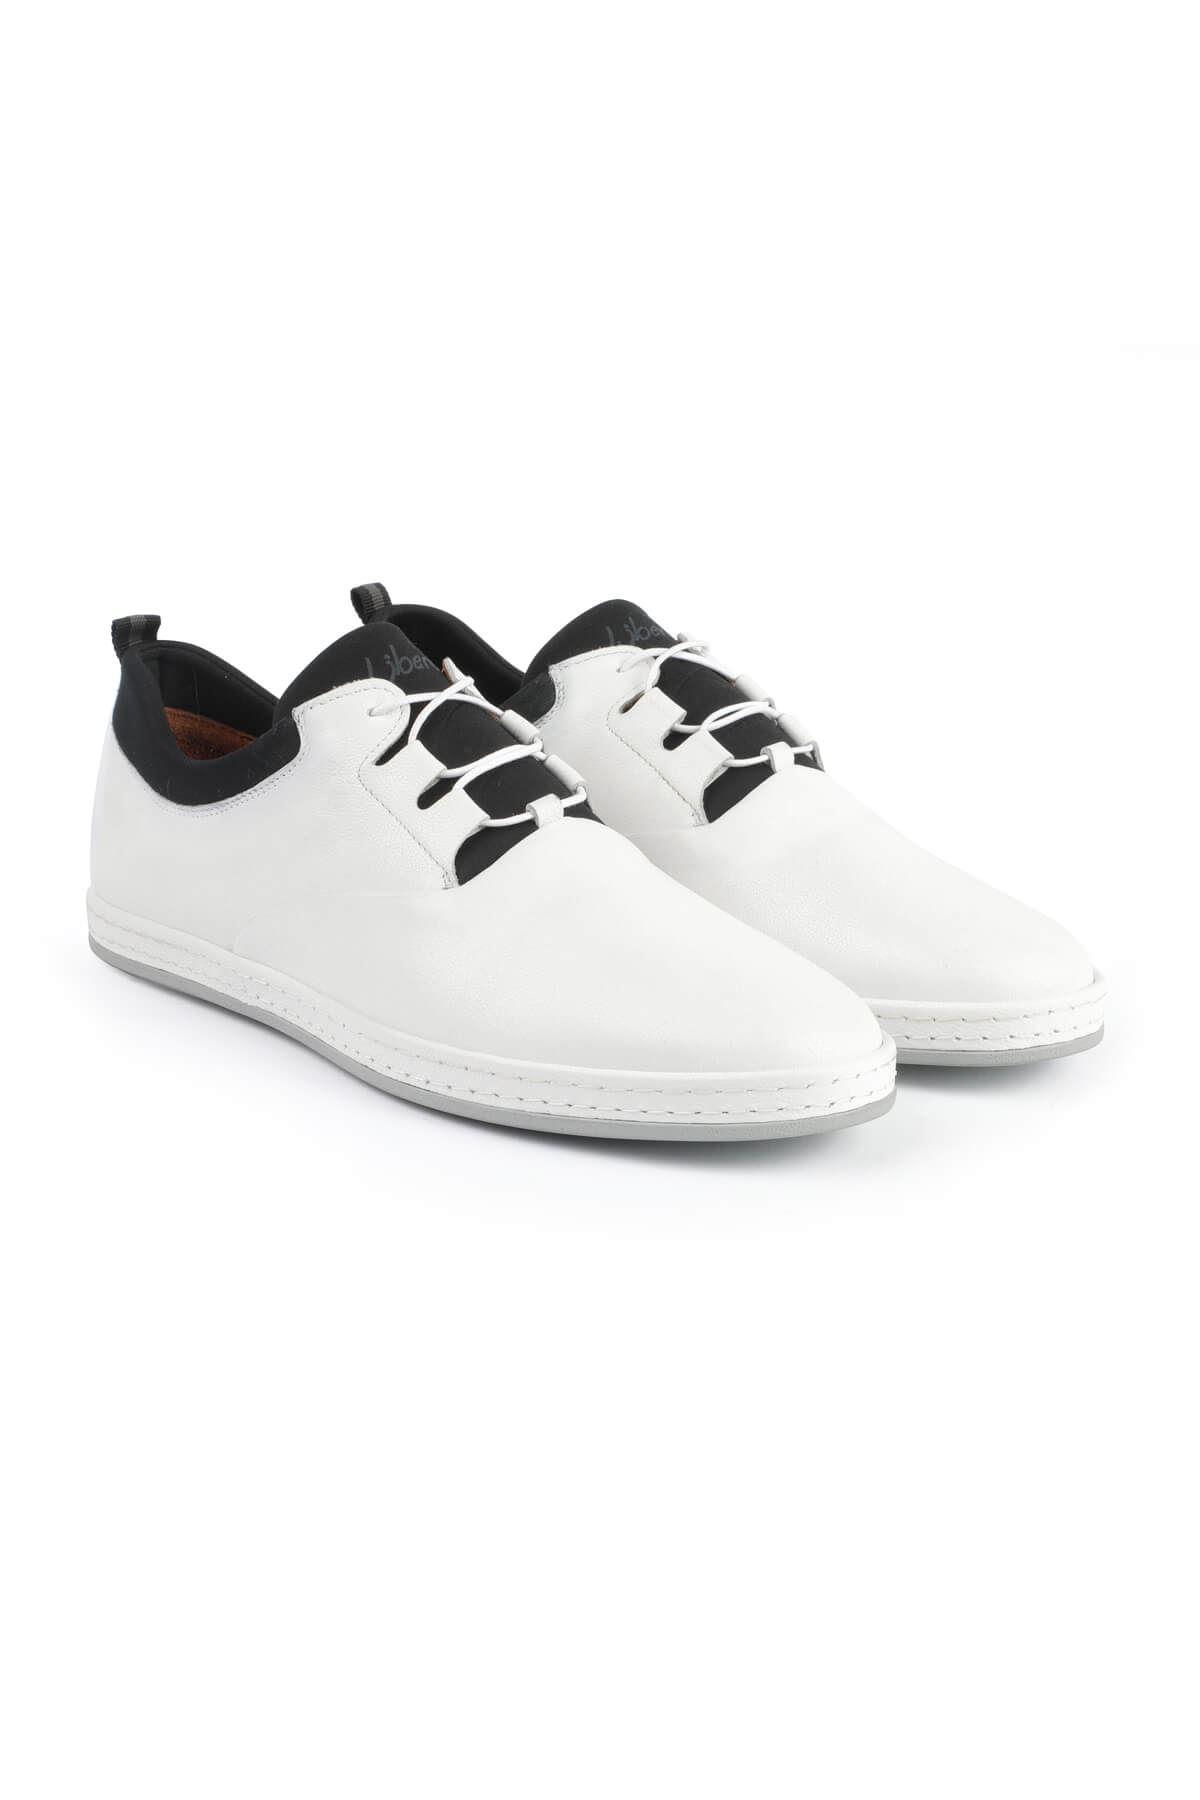 Libero 2979 White Casual Shoes